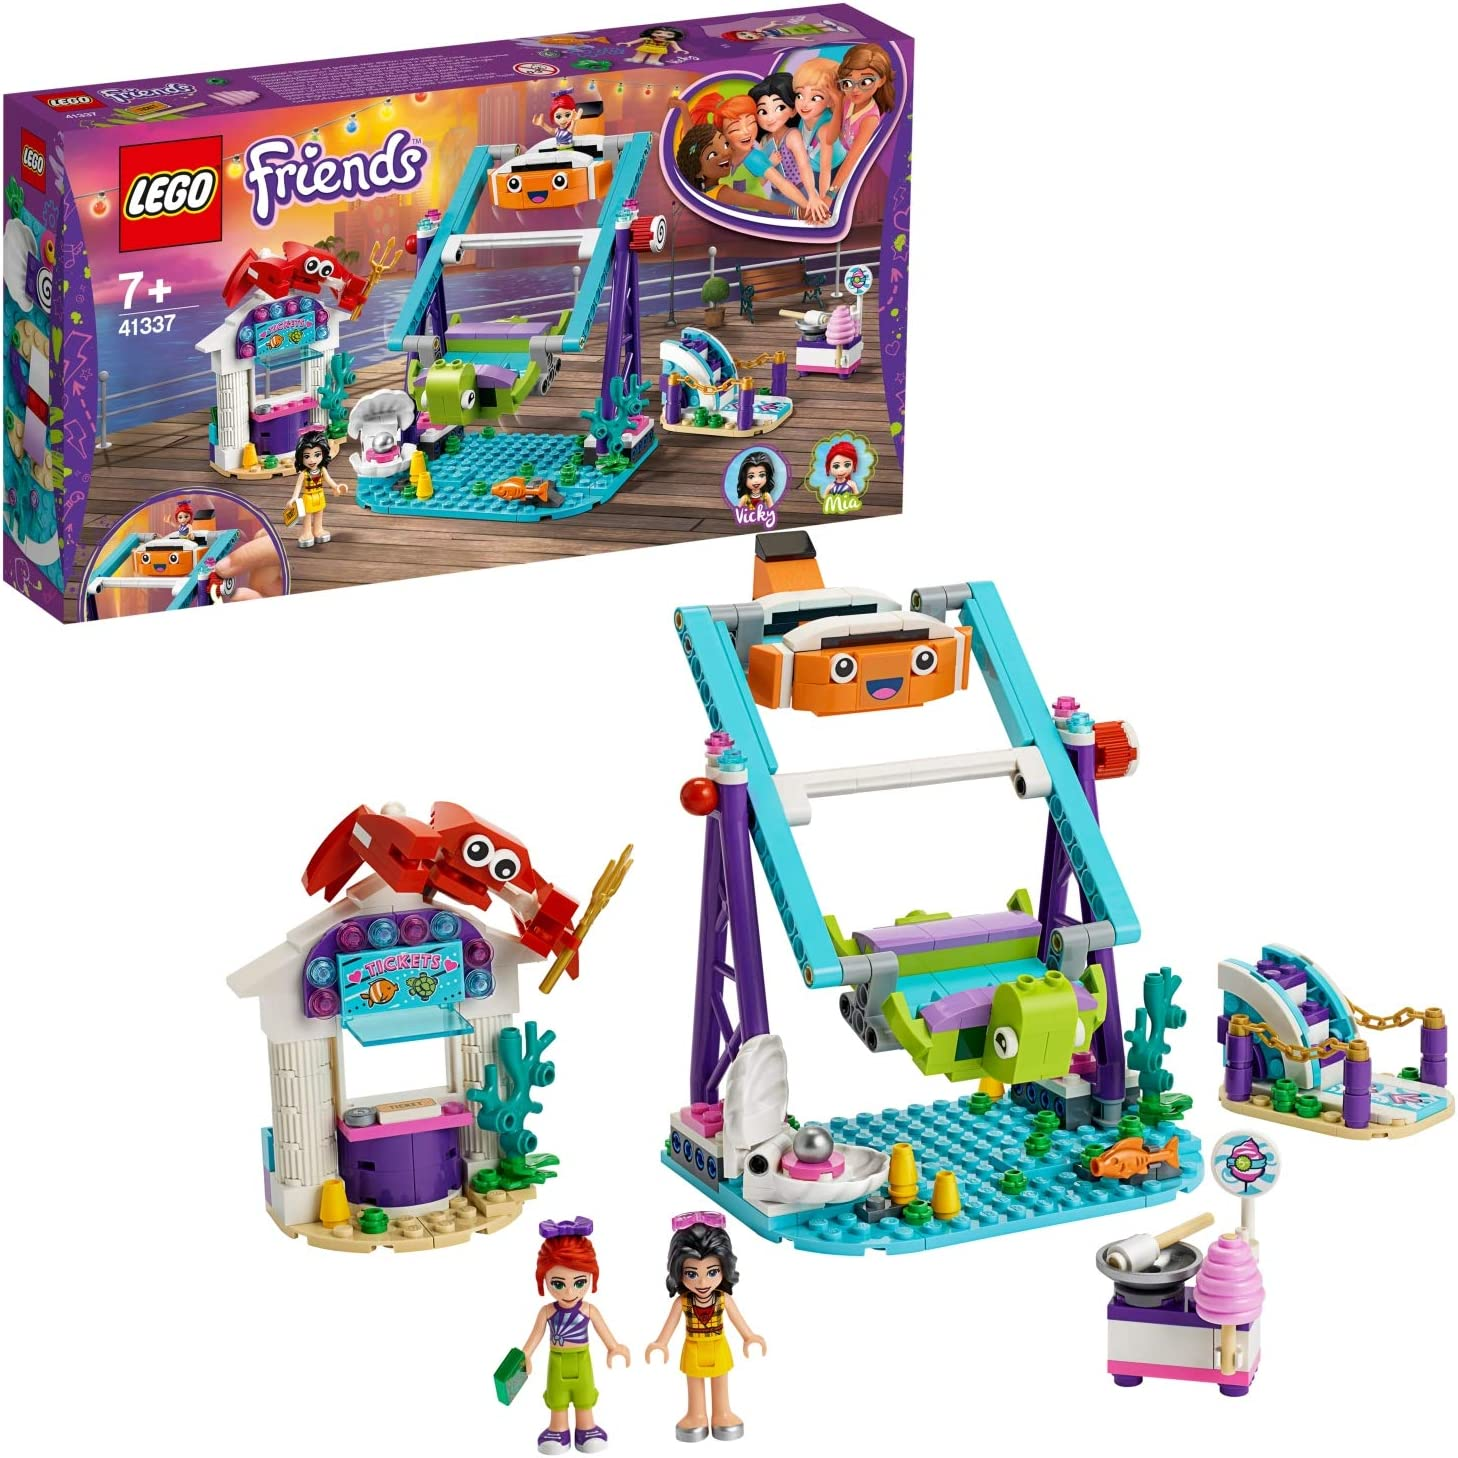 LEGO Friends - Noria Submarina Nuevo juguete de construcción de Atracción de Feria, incluye Puesto de Venta de Algodón de Azucar y 2 mini muñecas (41337): Amazon.es: Juguetes y juegos